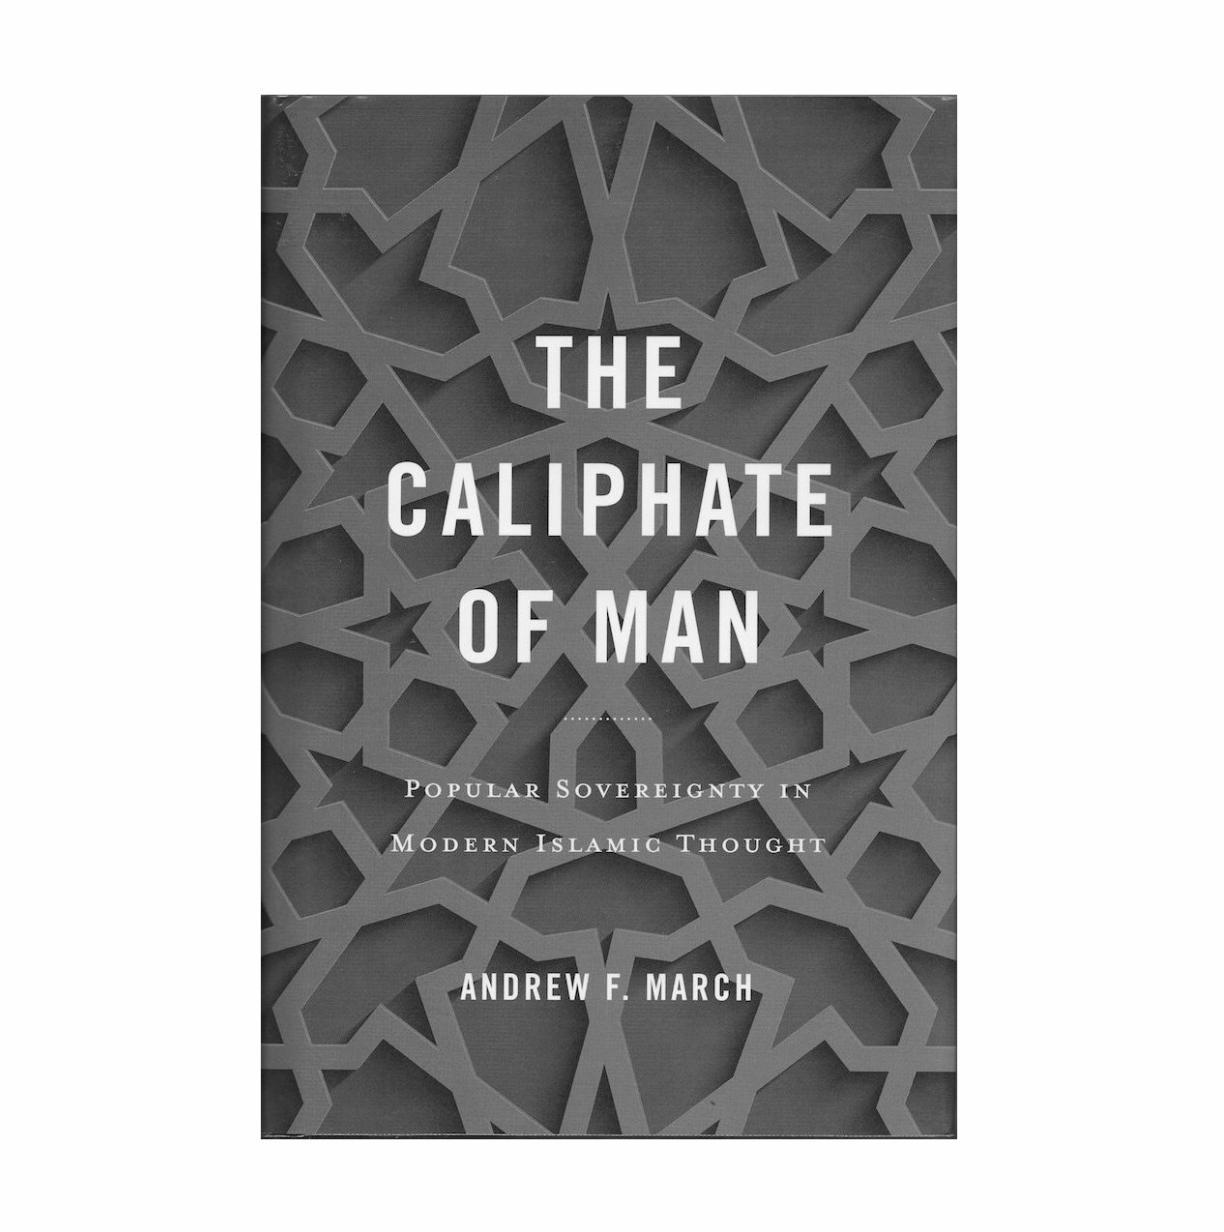 خلافة الإنسان: السيادة الشعبية في الفكر الإسلامي الحديث